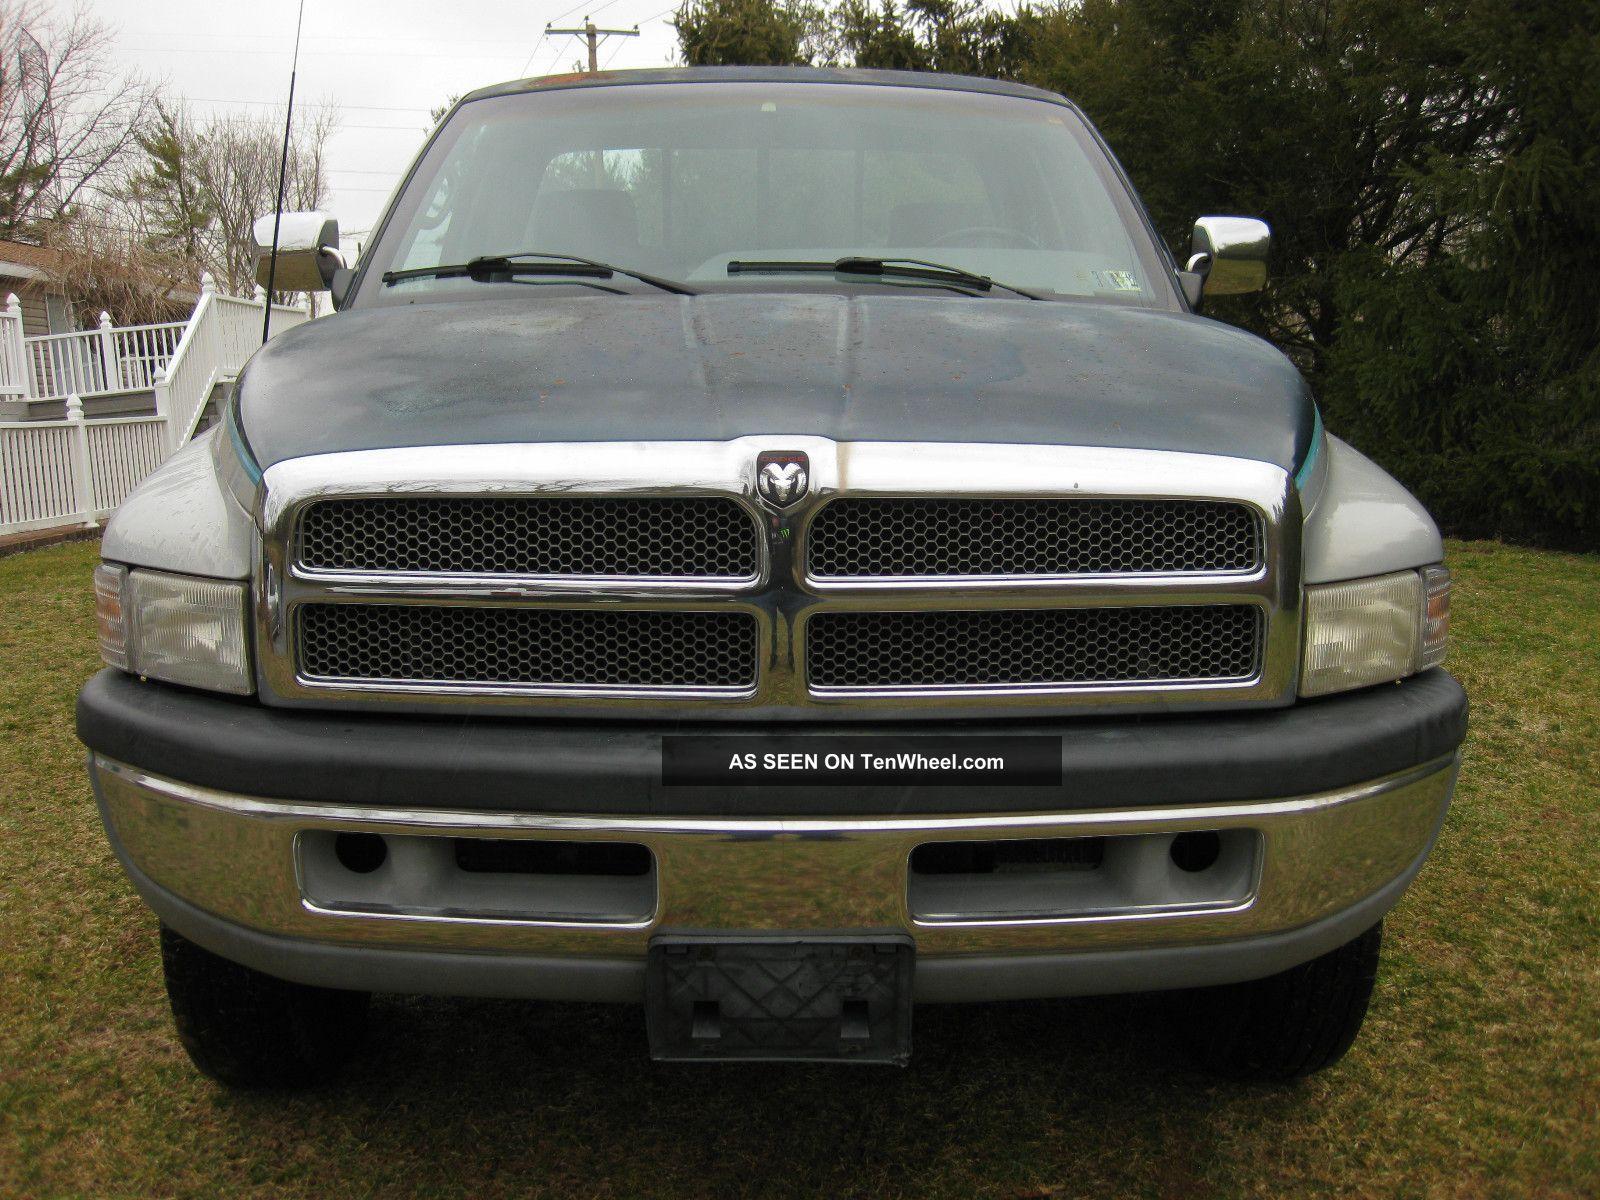 1996 dodge ram 2500 larime slt diesel. Black Bedroom Furniture Sets. Home Design Ideas